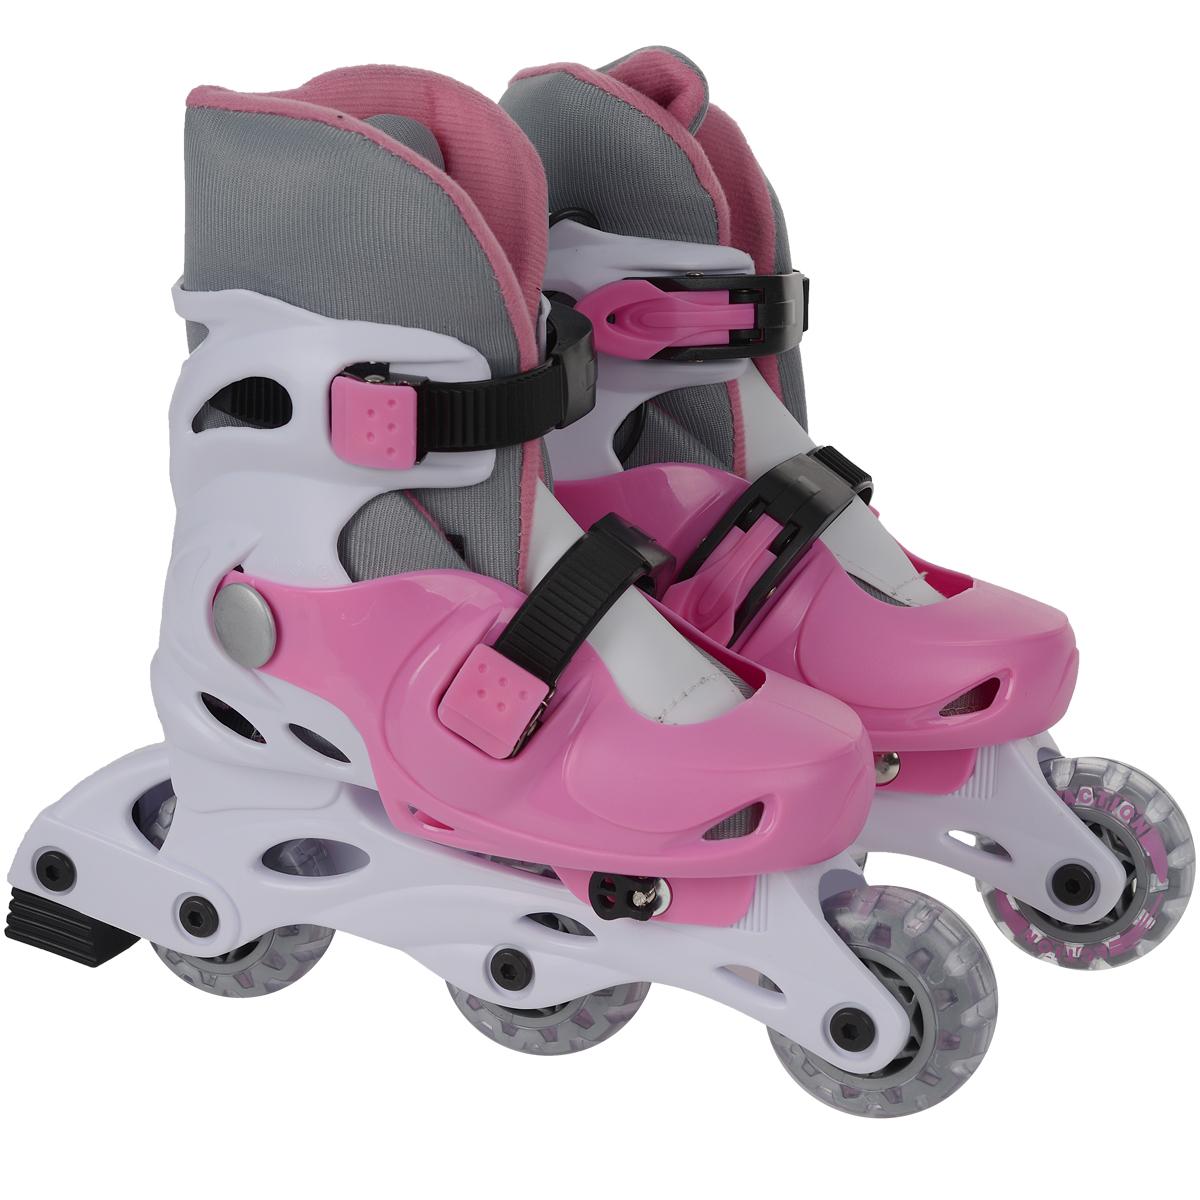 Коньки роликовые Action, раздвижные, цвет: белый, розовый. PW-120. Размер 35/38PW-120_1Раздвижные коньки Action - это роликовые коньки любительского класса для детей и постоянно растущих подростков, предназначены для занятий спортом и активного отдыха. Коньки имеют пластиковый ботинок с раздвижным механизмом, что обеспечивает хорошую посадку и пластичность, а для еще более комфортного катания ботинки коньков оснащены двумя клипсами с фиксаторами. Облегченная, анатомически облегающая конструкция обеспечивает улучшенную боковую поддержку и полный контроль над движением. Модель снабжена системой Parallel Wheels: возможность переставлять задние колеса в два ряда для большей устойчивости. Второе колесо с конца можно снять и разместить на оси параллельно с последним колесом. Для перестановки колес в комплект входит необходимый набор осей и ключ-шестигранник. Рама изготовлена из пластика, а колеса из полиуретана с 608Z. Диаметр колес 64 мм. Жесткость колеса: 82А. Тип фиксации: две клипсы с фиксаторами. Максимальный вес пользователя: 40 кг. В каждой модели...